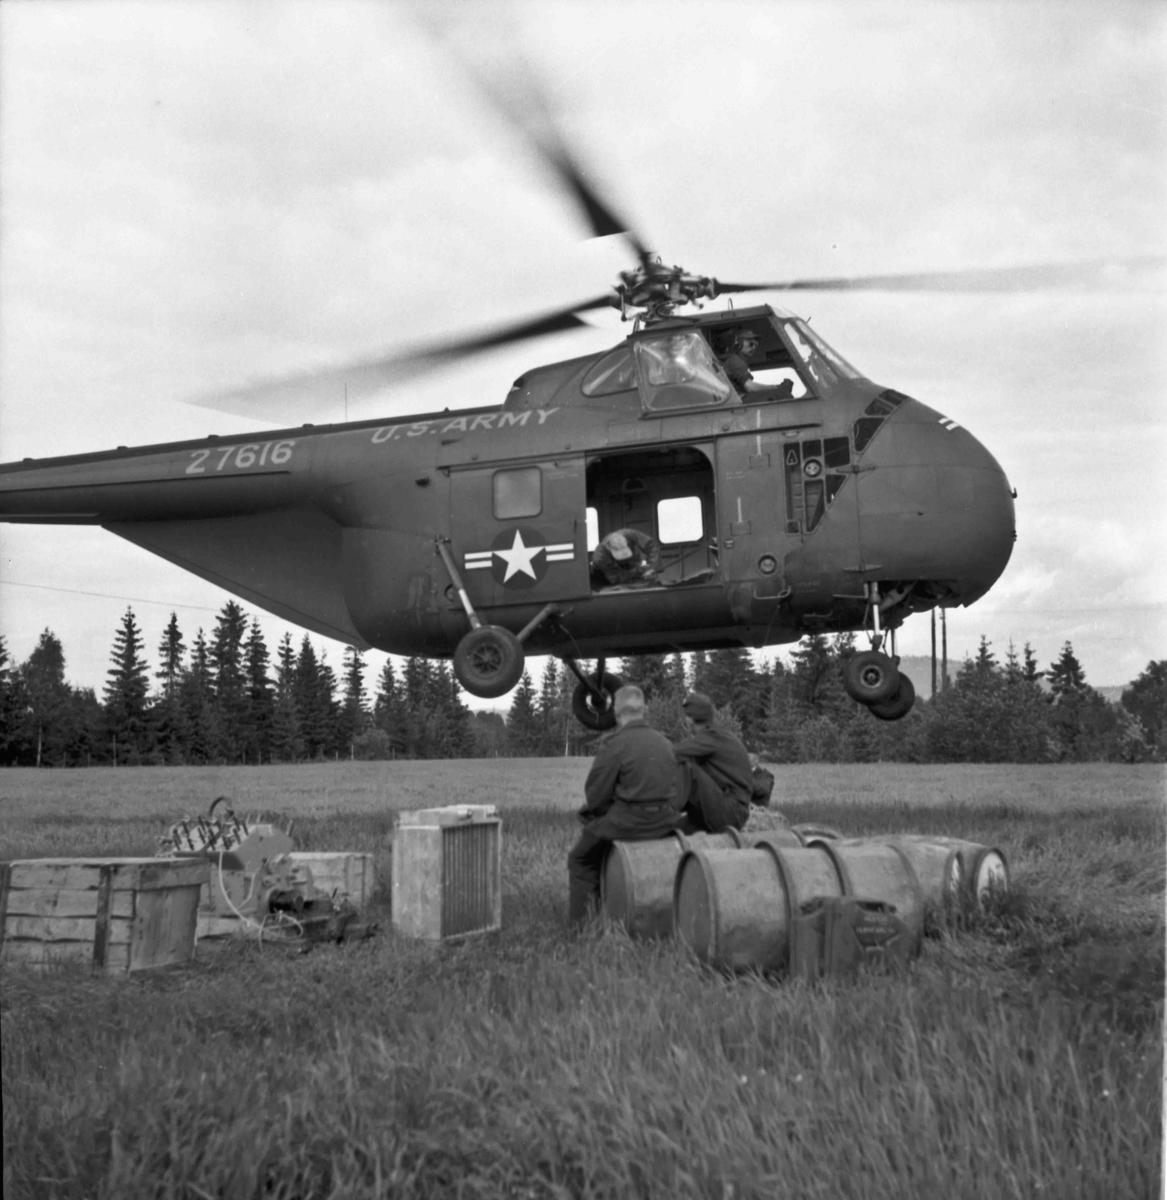 Sommeren 1955 fraktet et helikopter fra US Army utstyr og materialer fra Dokkenmoen til Mistbergtoppen. Det ble bygd en radiolinkstasjon el.likn. på toppen. Også i 1957 fraktet amerikanske helikoptre materialer til Mistbergtoppen. Dette var utvilsomt militære anlegg, en del av NATO-samarbeidet.